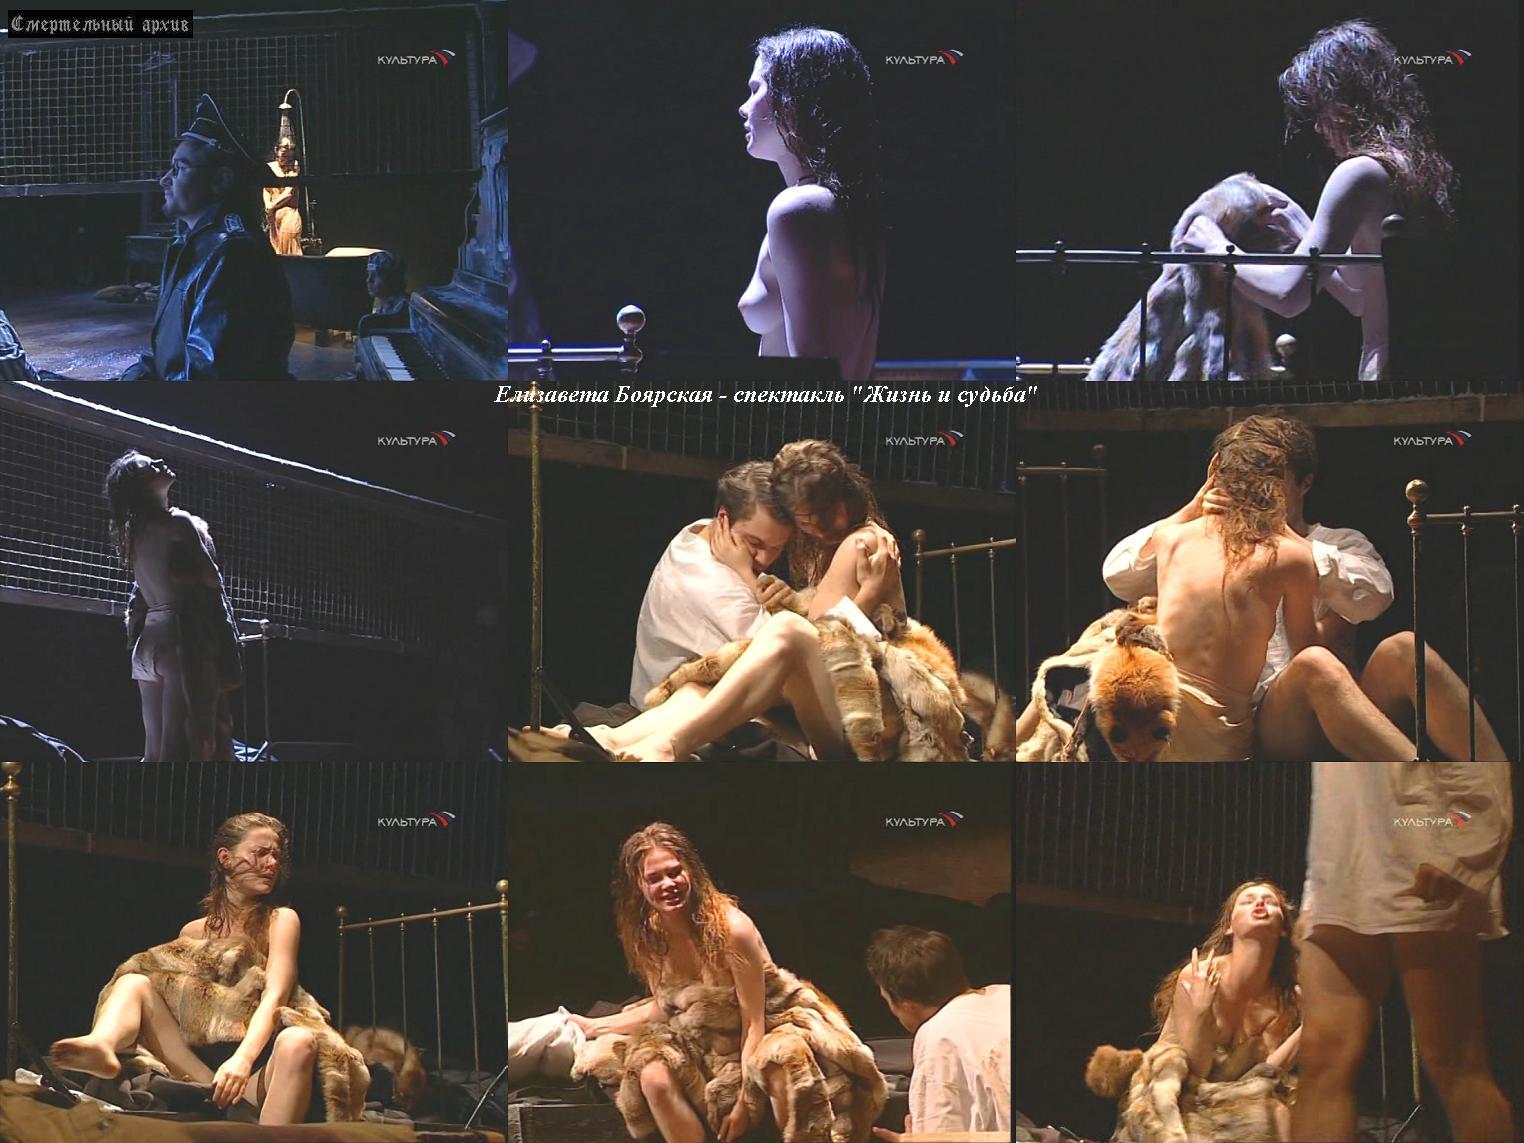 Спектакль голыми артистами